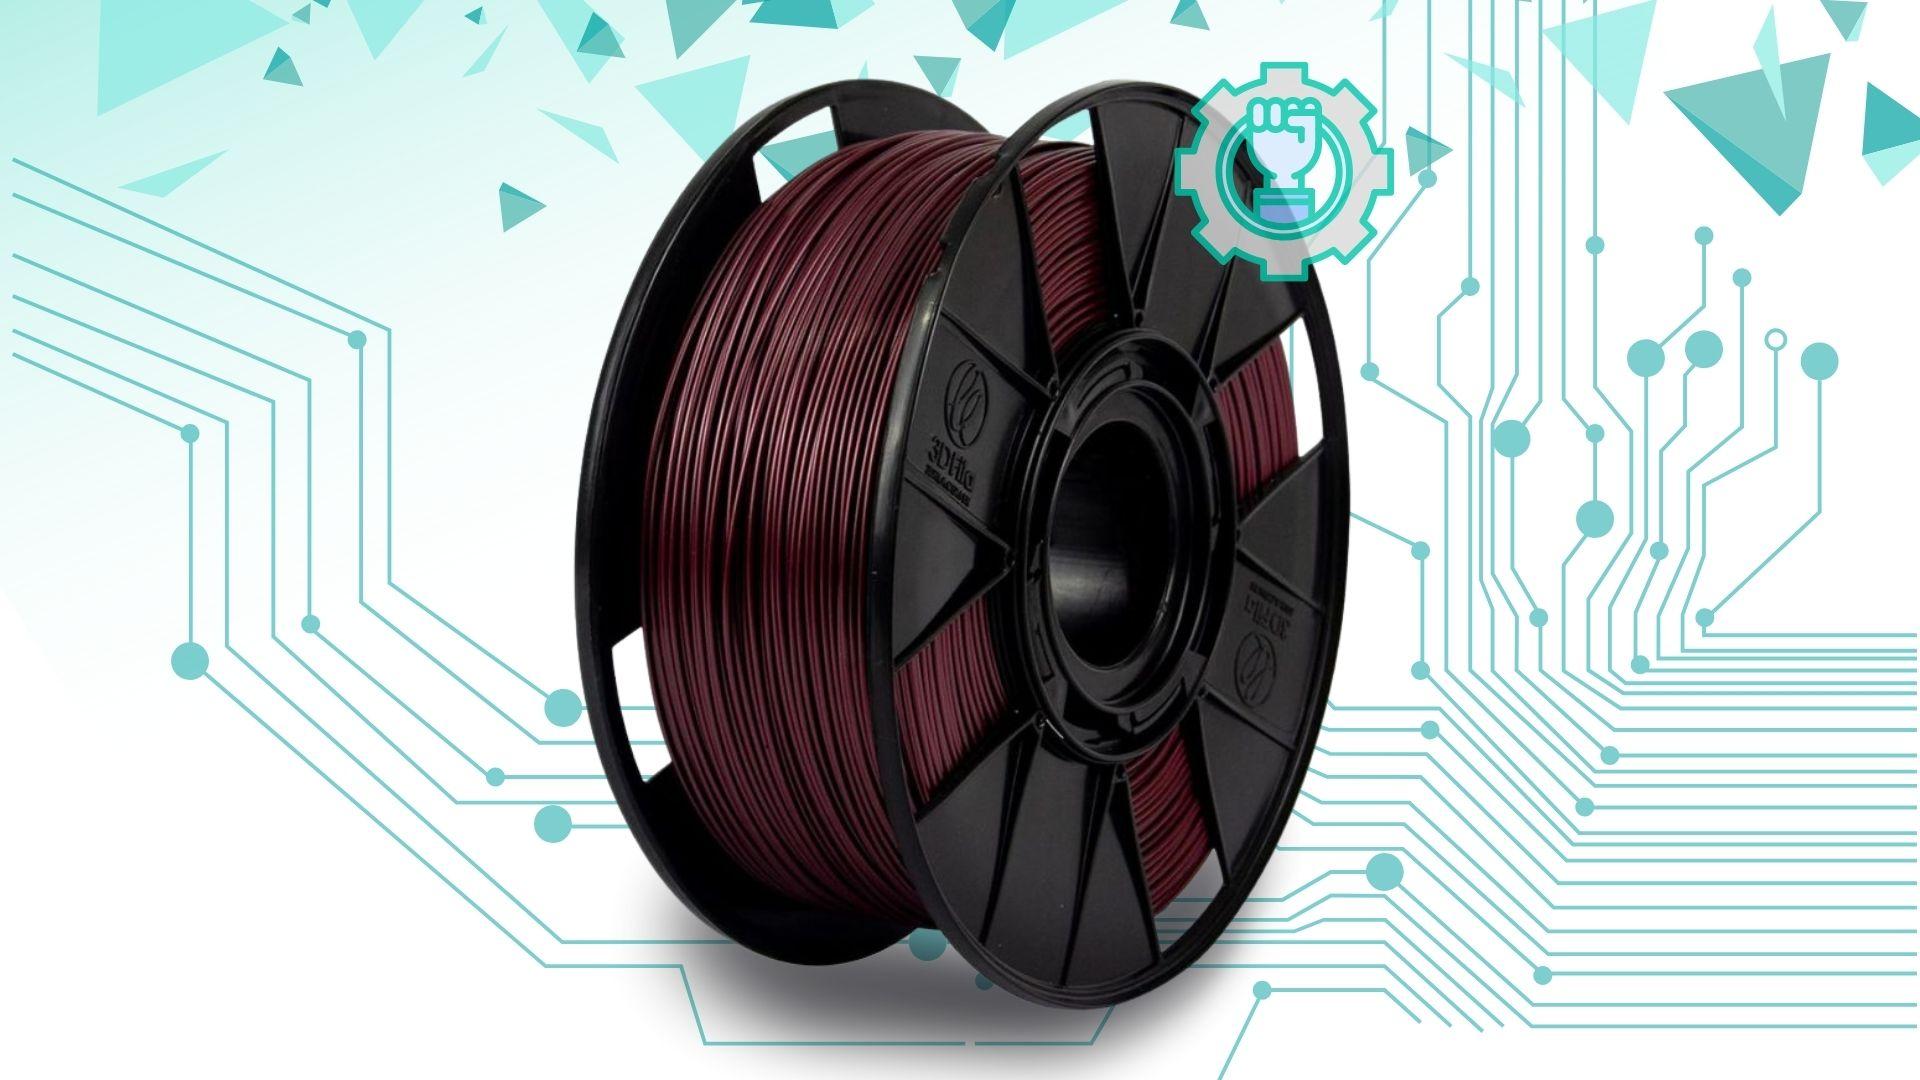 Foto de capa referente ao filamento PETG